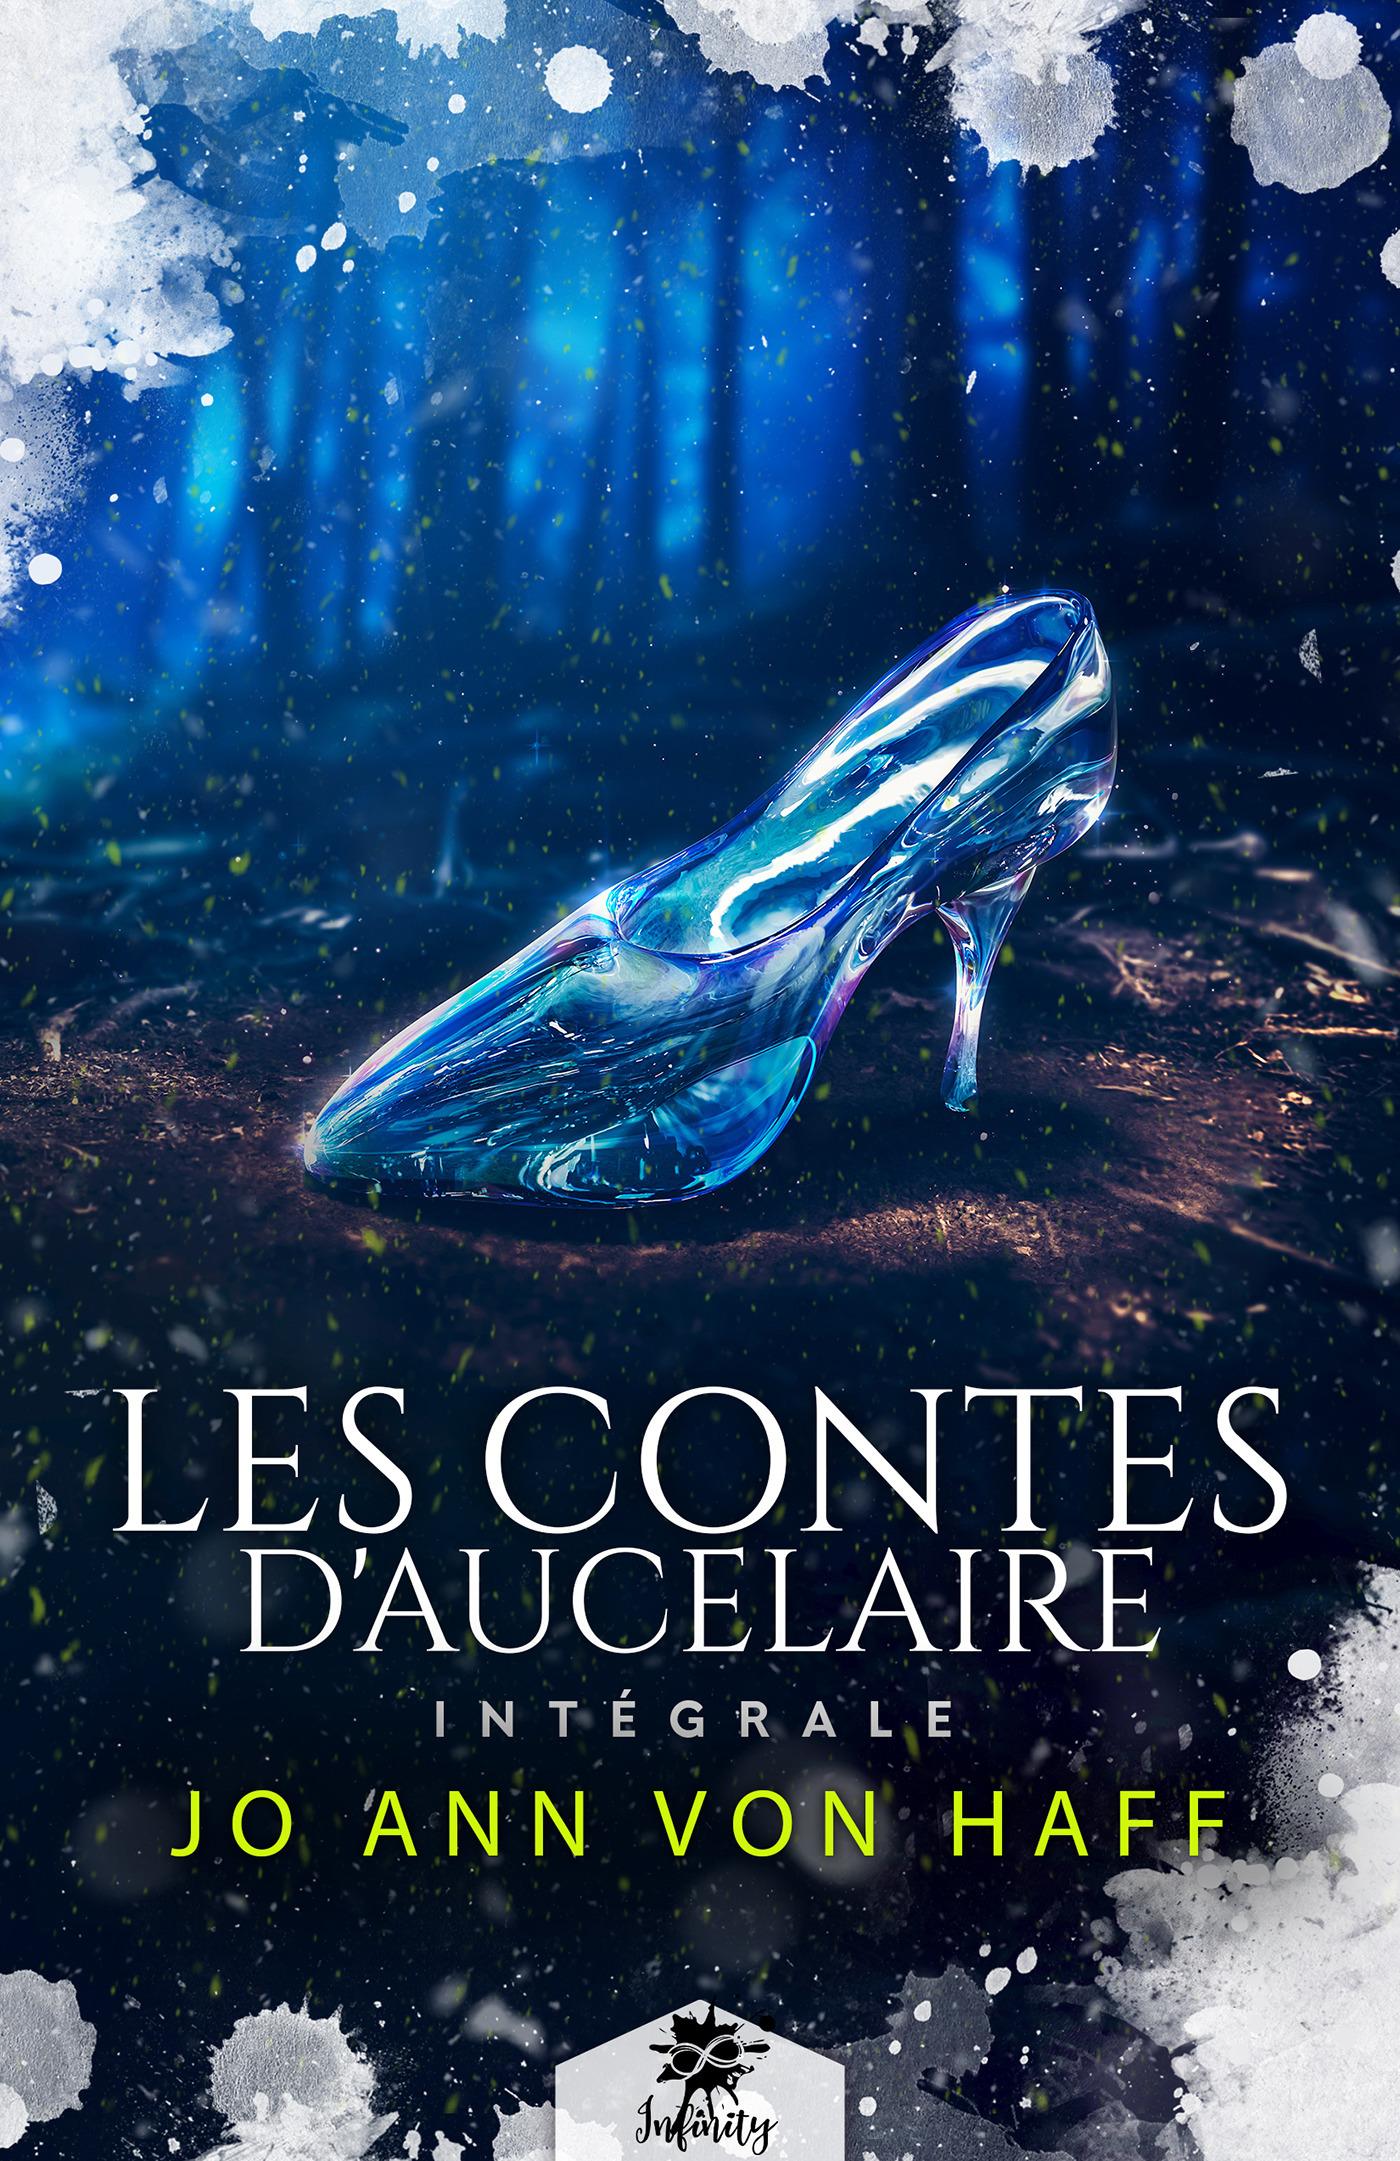 Les Contes d'Aucelaire - L'intégrale  - Jo Ann von Haff